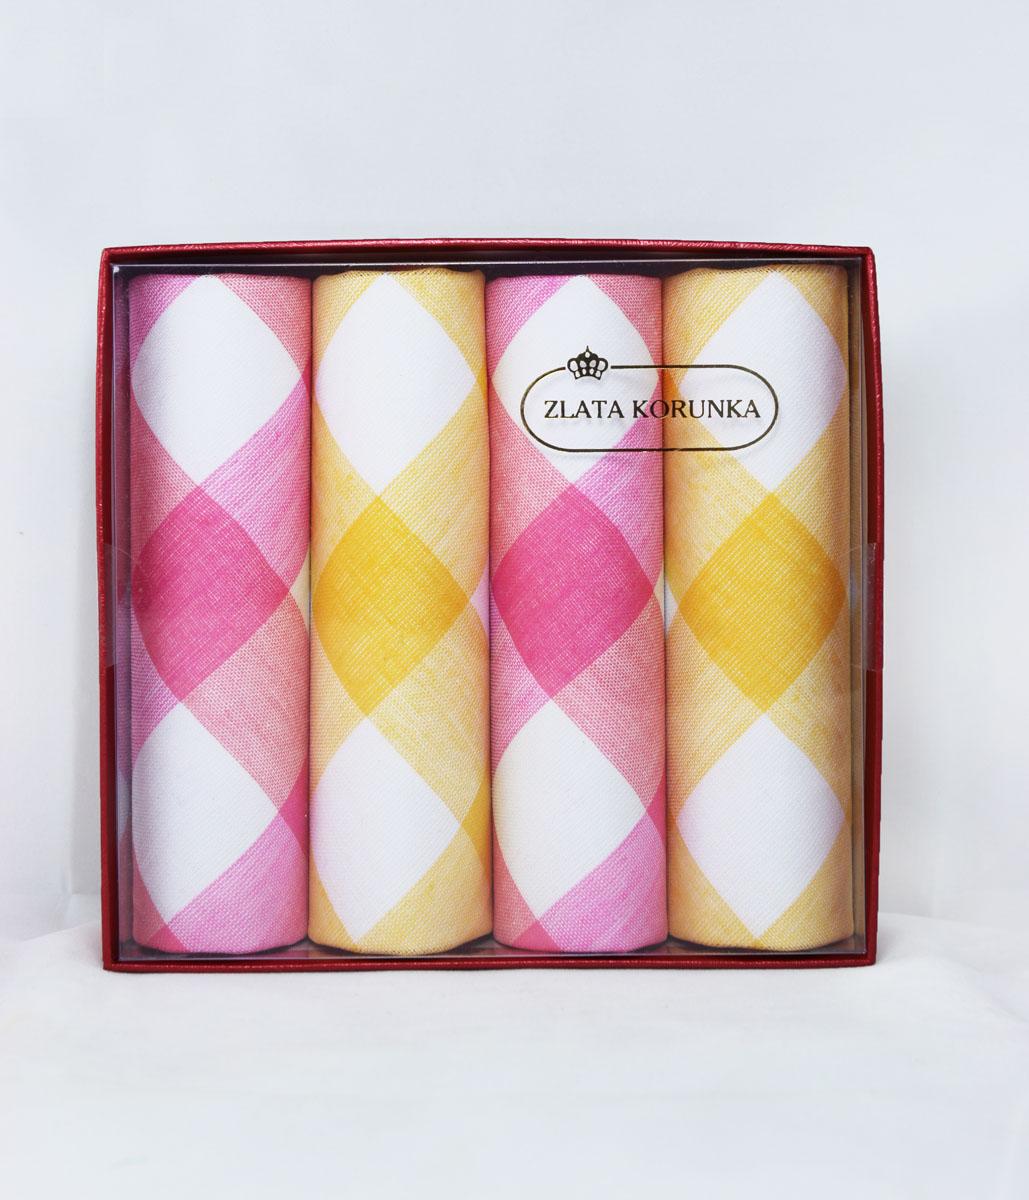 71420-8 Zlata Korunka Носовой платок женский, цвет: мультиколор, 29х29 см, 4 шт71420-8Платки носовые женские в упаковке по 4 шт. Носовые платки изготовлены из 100% хлопка, так как этот материал приятен в использовании, хорошо стирается, не садится, отлично впитывает влагу.